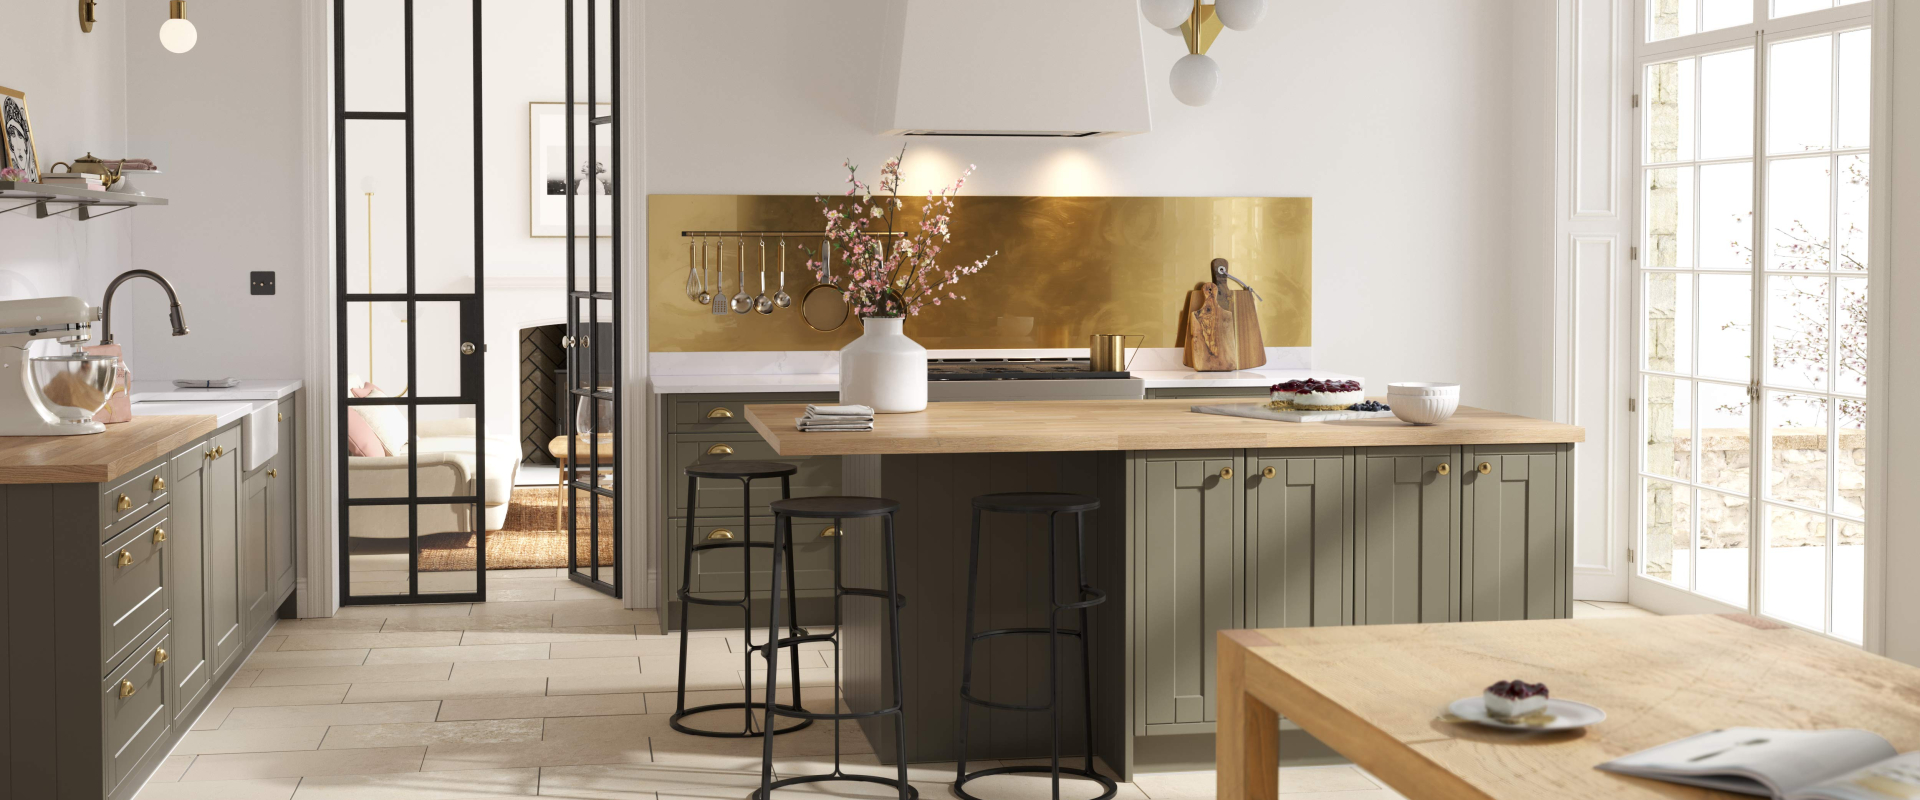 Framed Juratek Kitchen in Olive